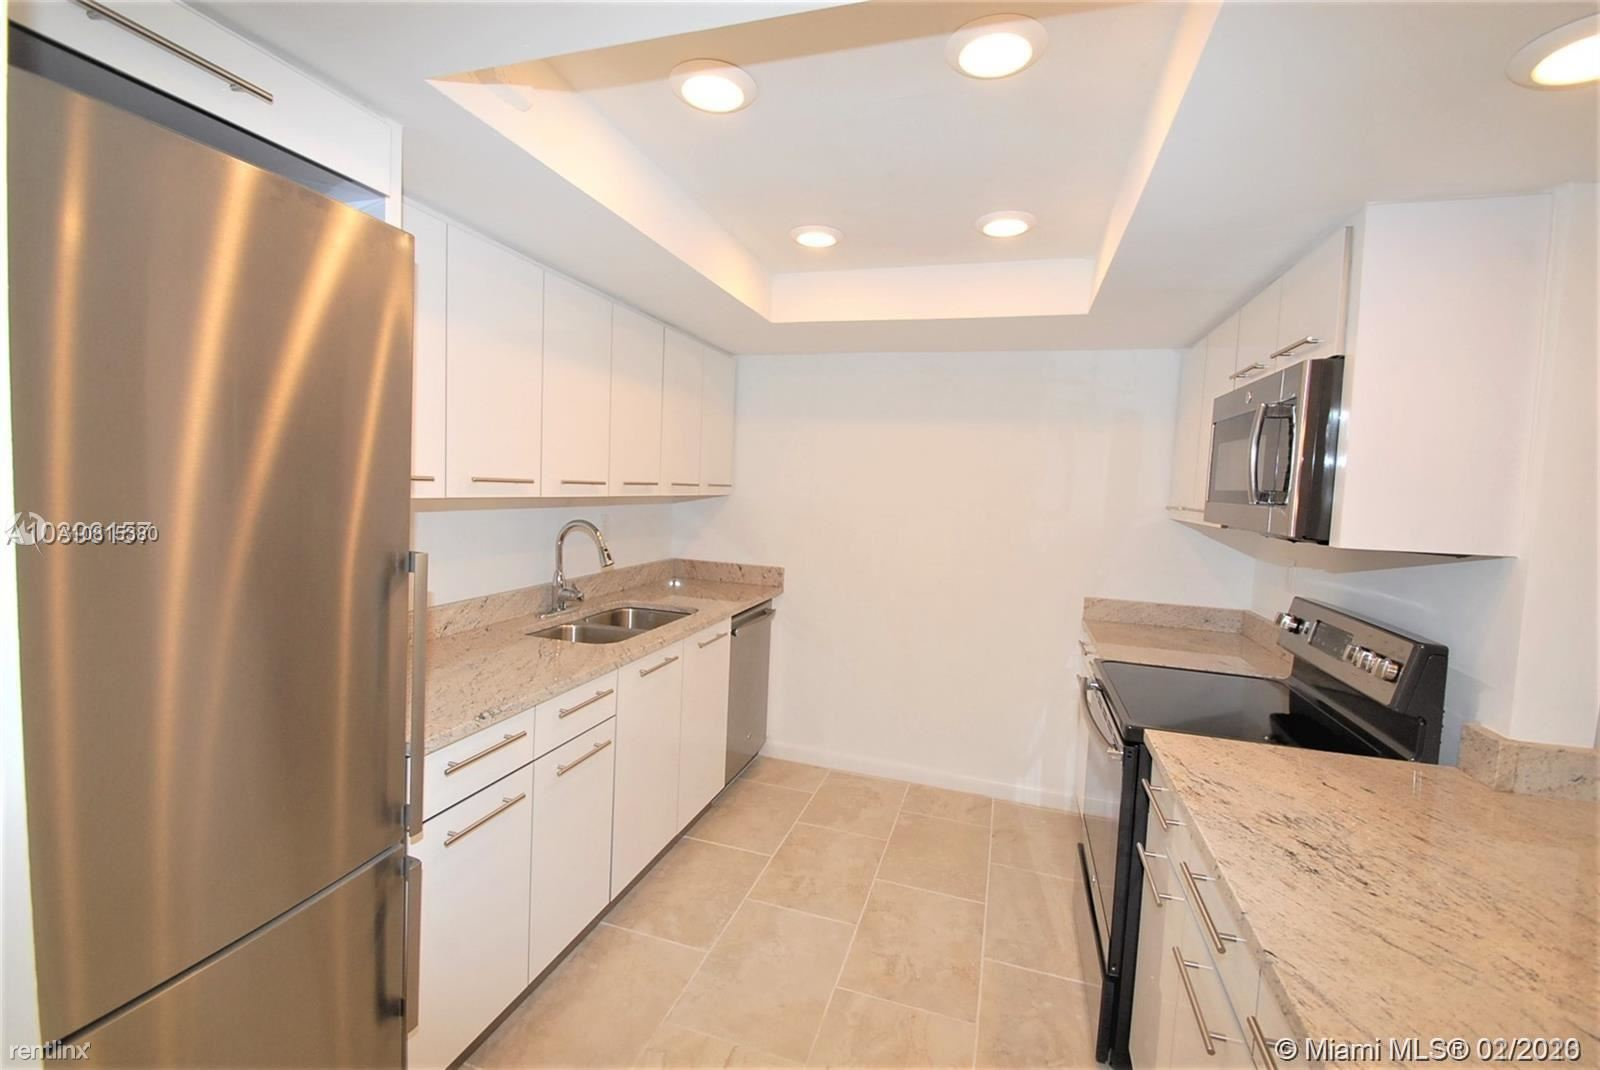 13507 NE 23rd Pl, North Miami, FL - $2,460